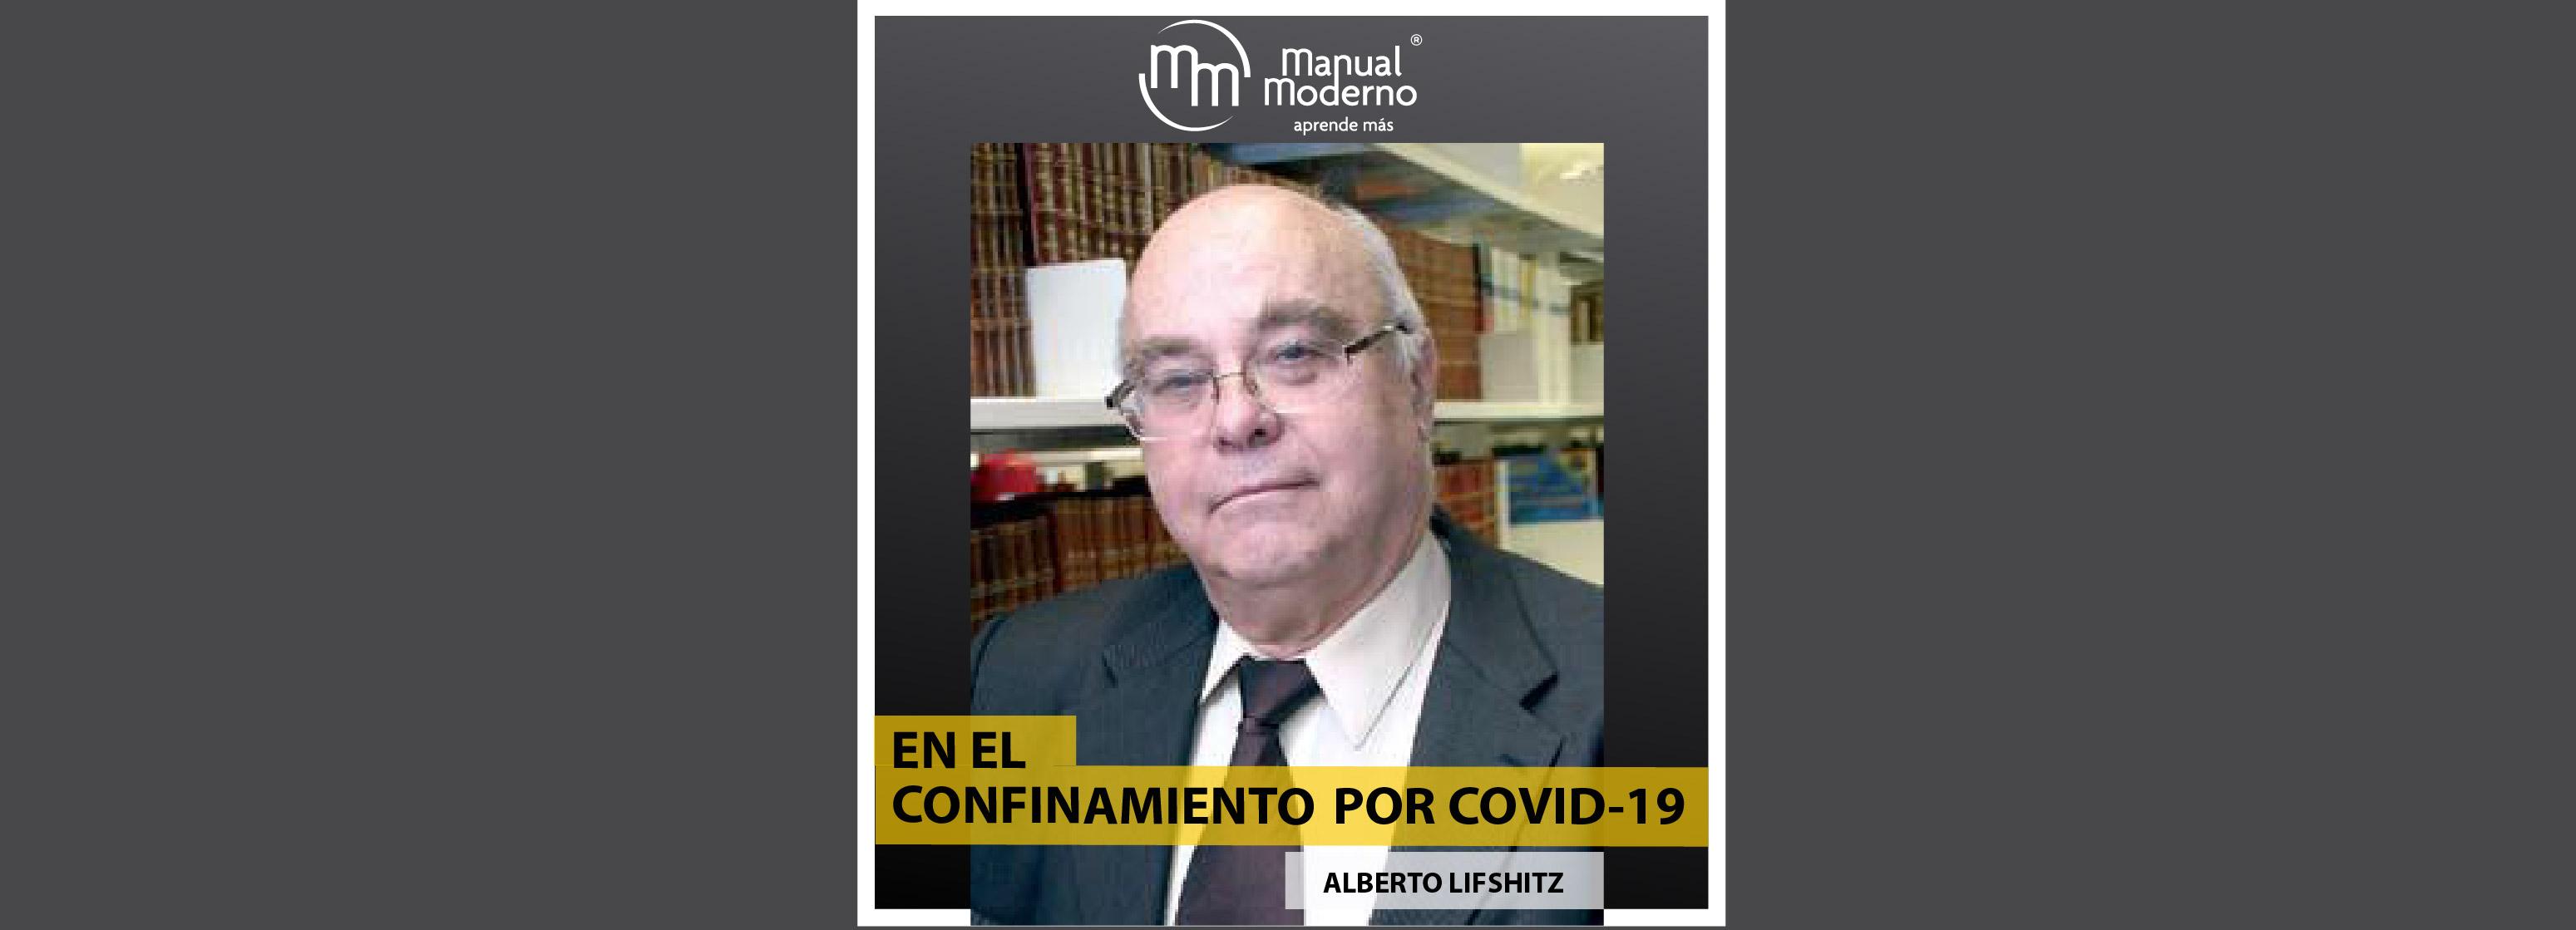 En el confinamiento por COVID-19. Alberto Lifshitz